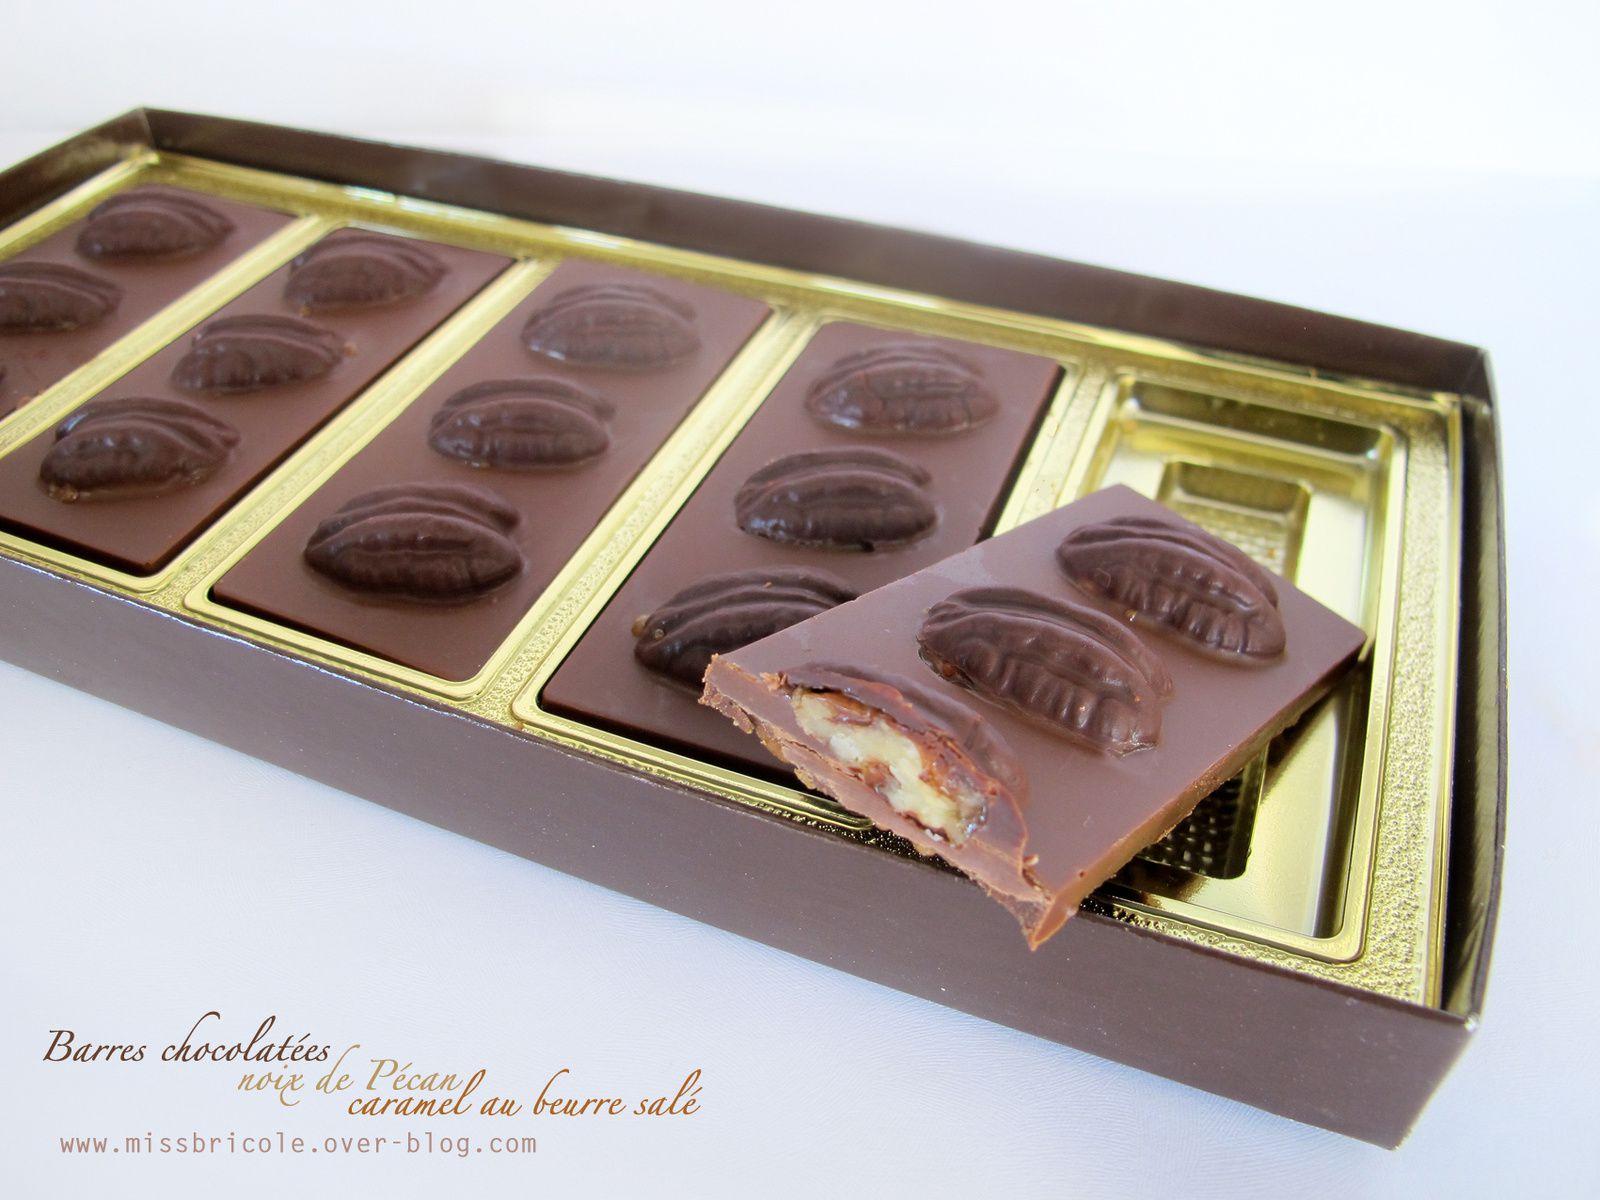 Barres chocolatées, noix de Pécan et caramel au beurre salé: une tuerie!!